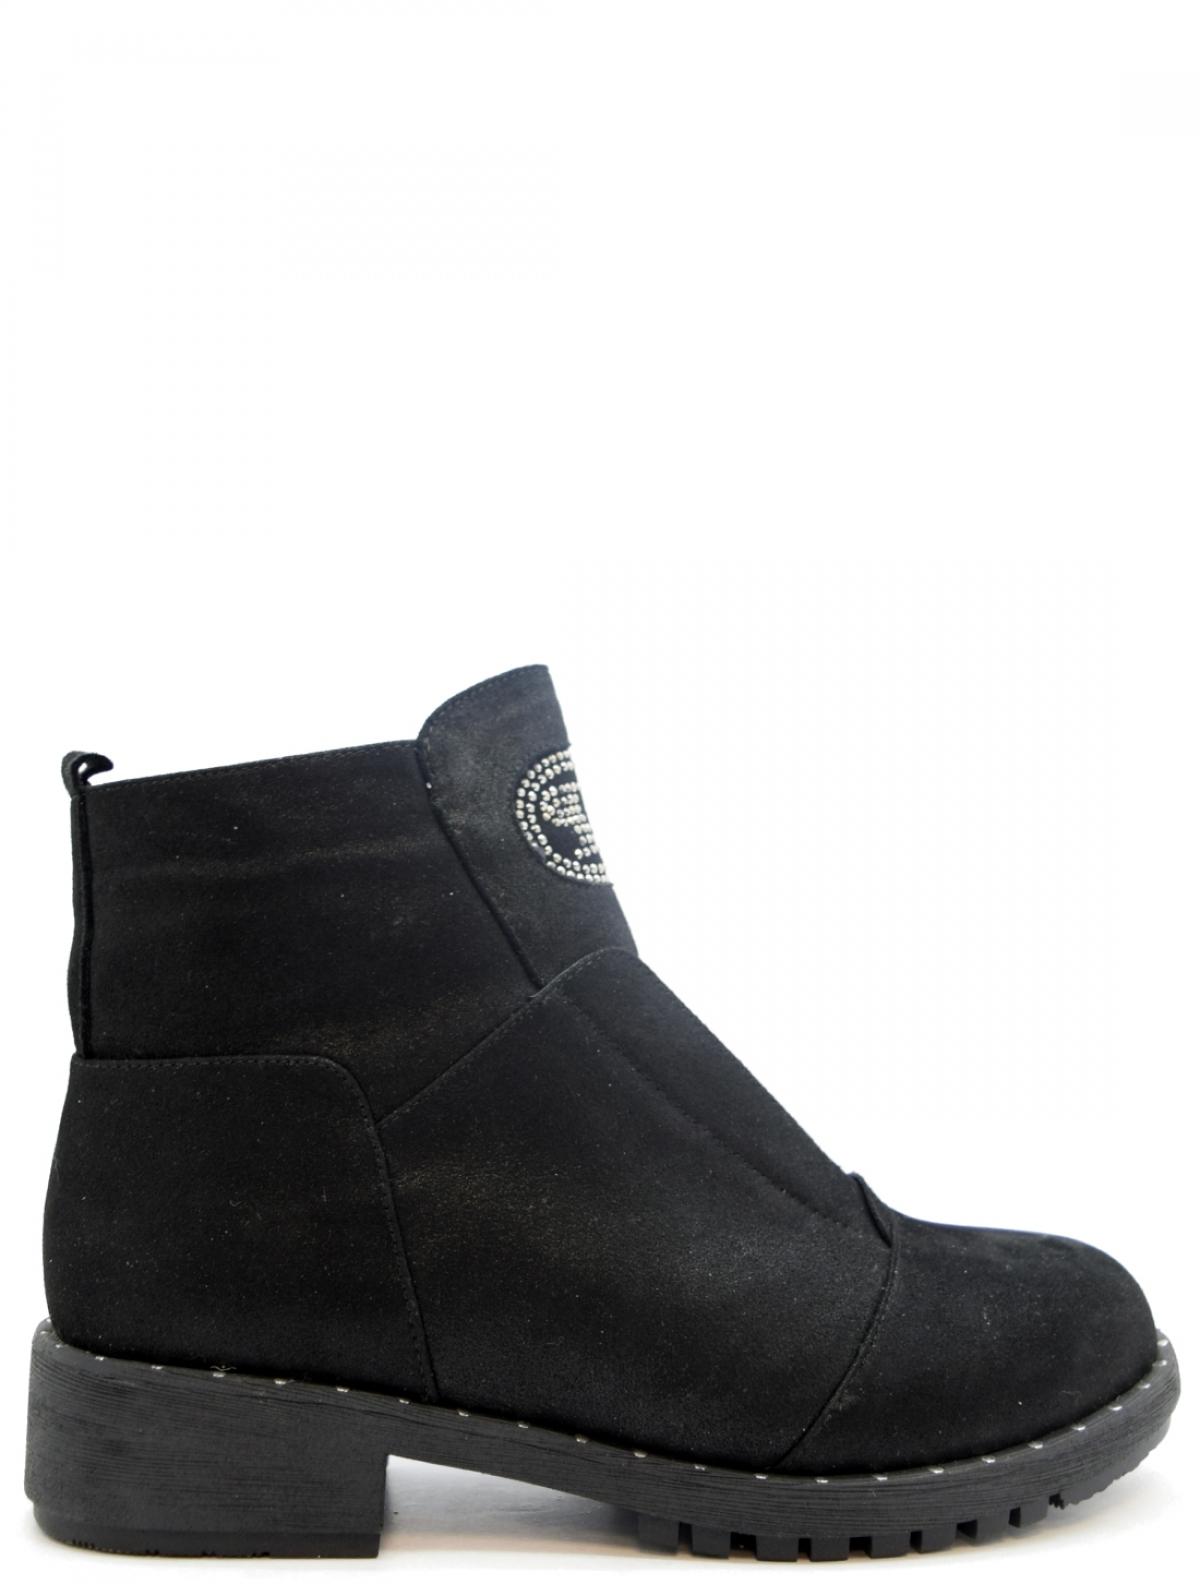 Baden MV044-011 женские ботинки